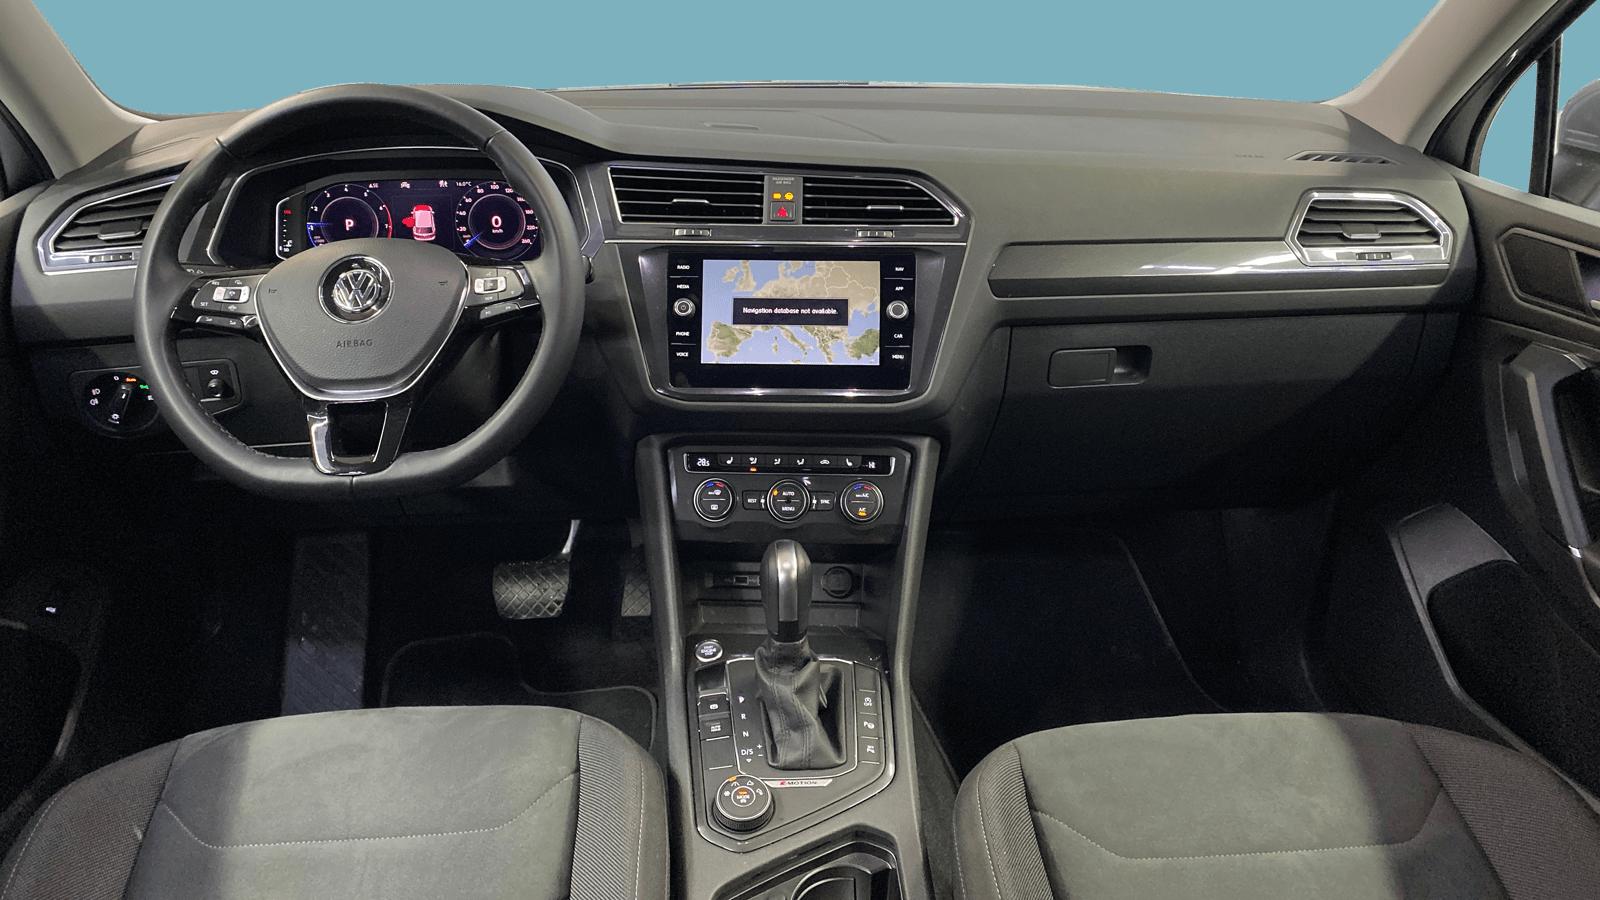 VW Tiguan Allspace Silver interior - Clyde car subscription